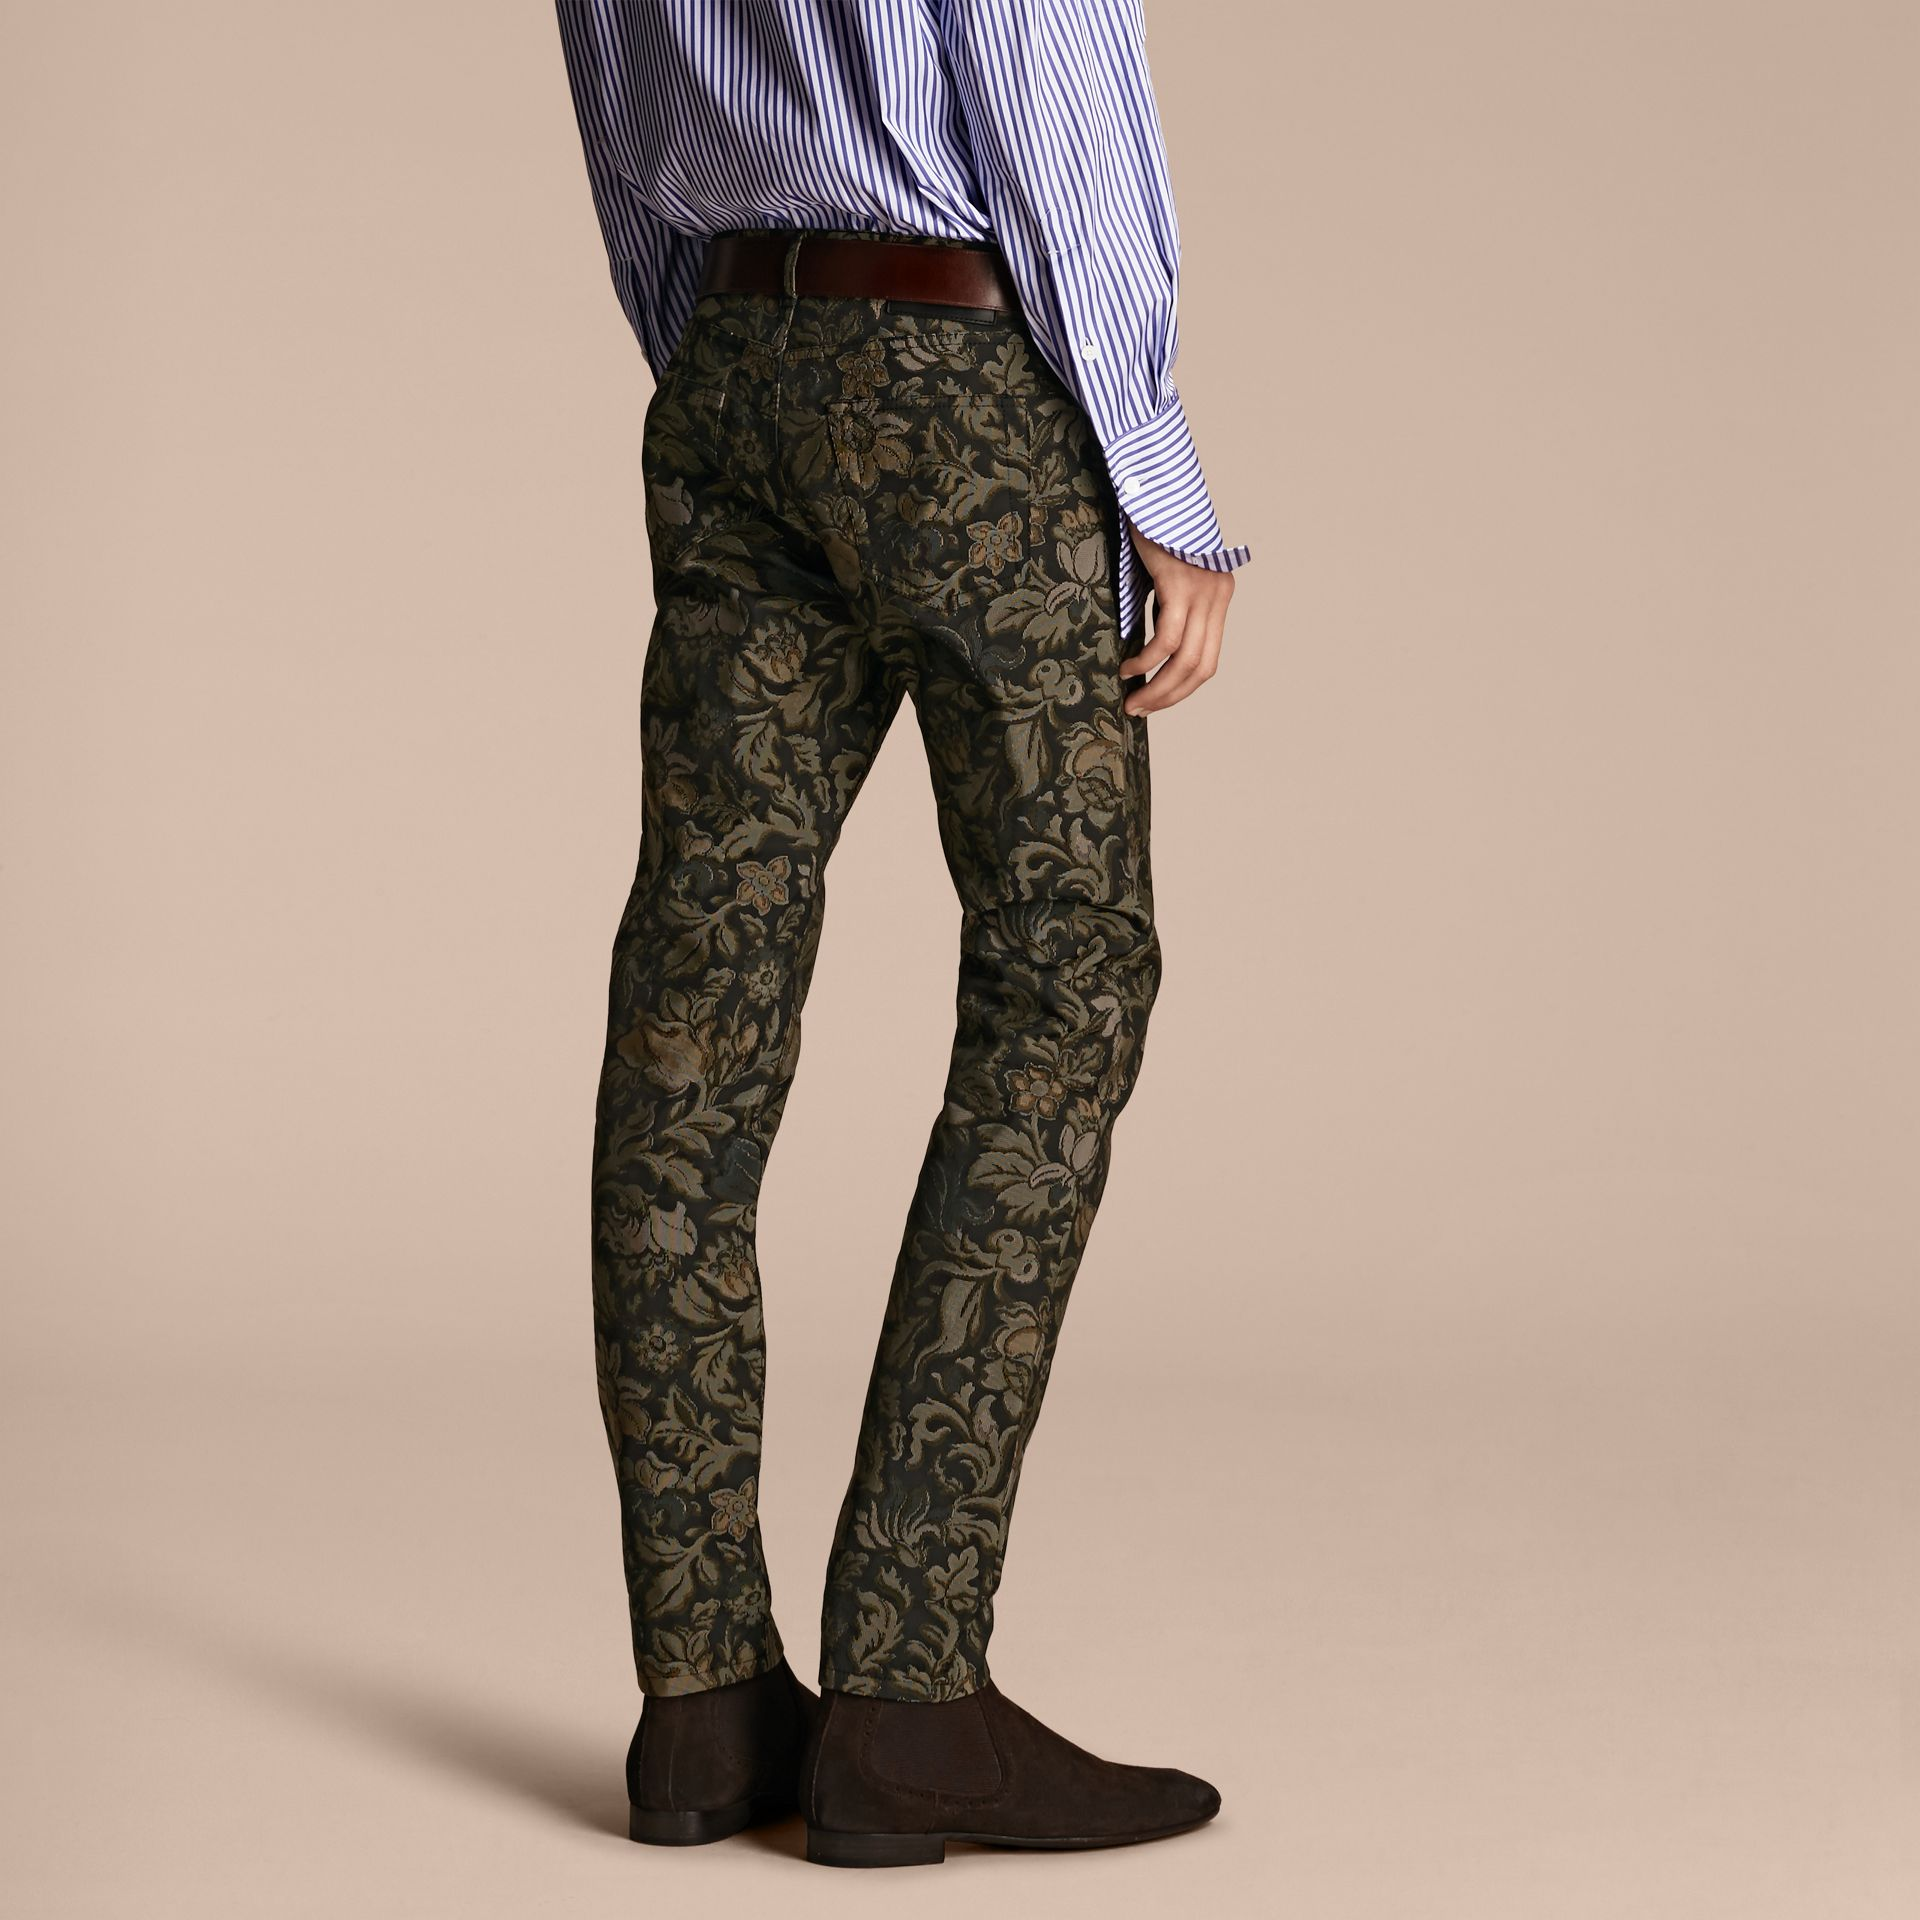 Шалфей Узкие джинсы с цветочным узором Шалфей - изображение 3